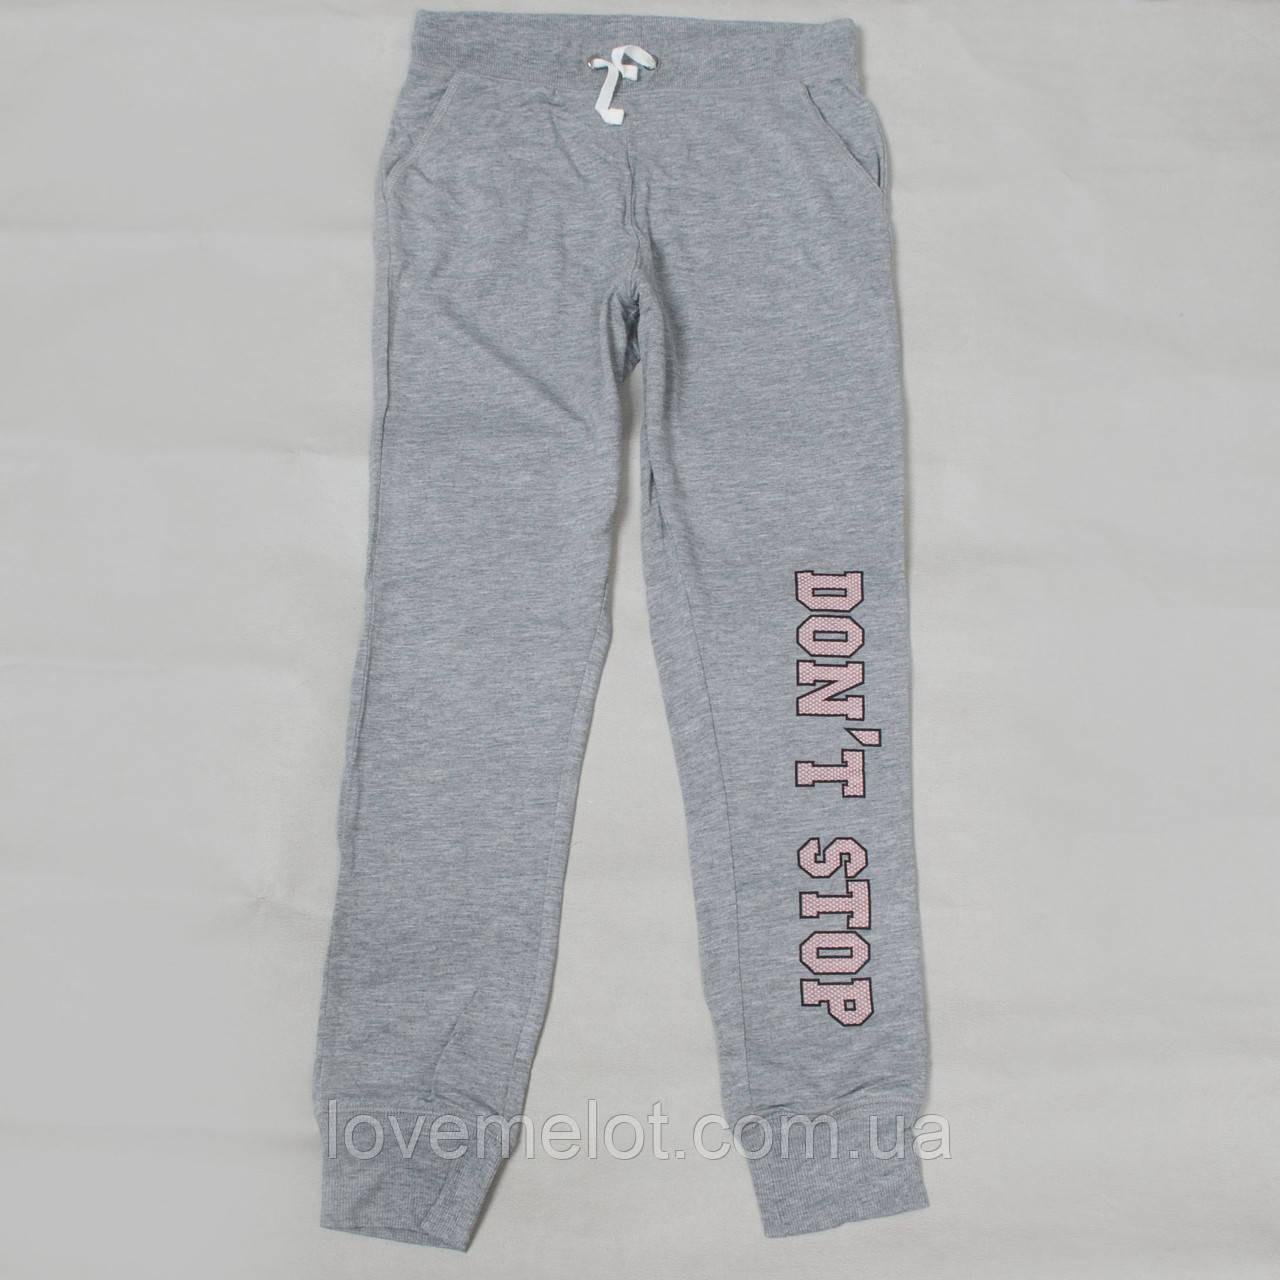 Детские штаны спортивные H*M серые для девочки